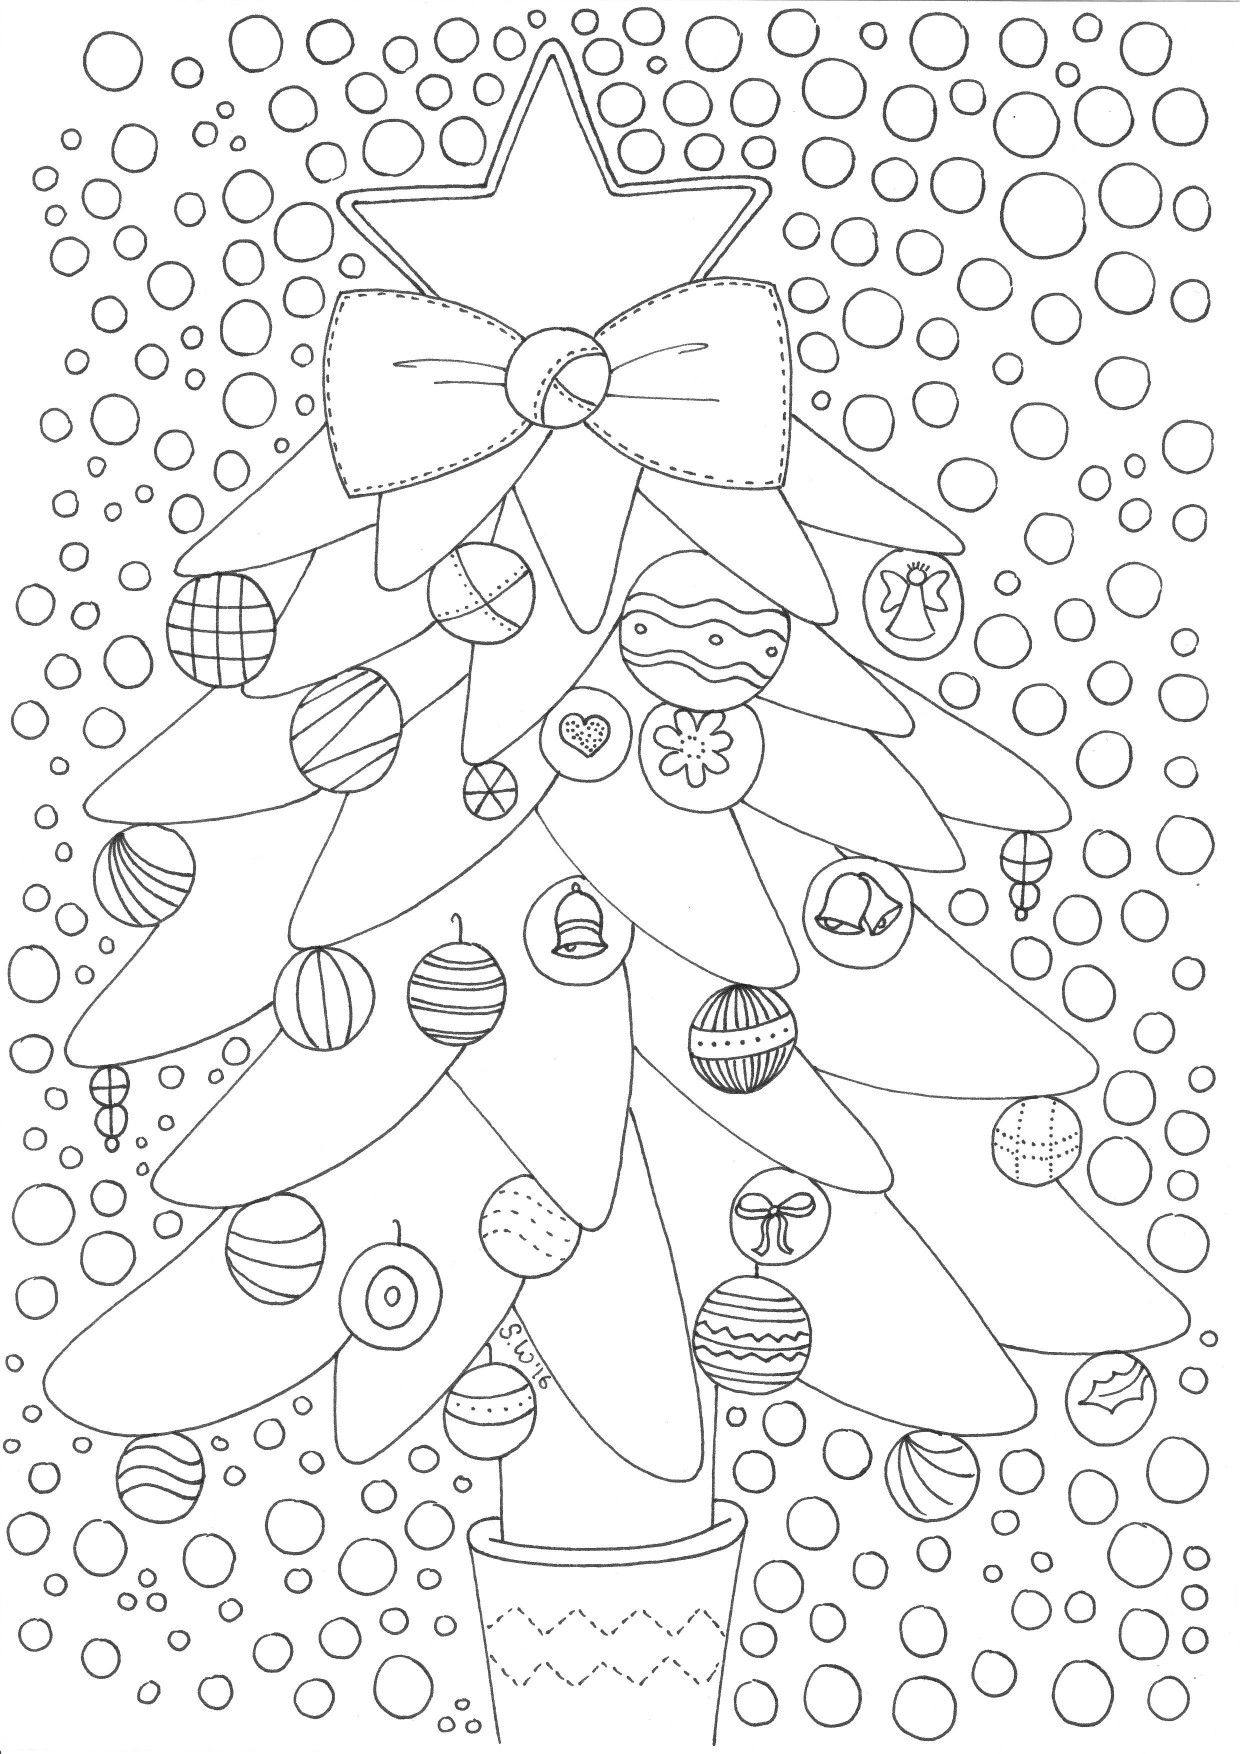 Pin Van Marlei Cecilia Op Kerst Kerstmis Kleurplaten Kleurplaten Voor Volwassenen Kleurplaten